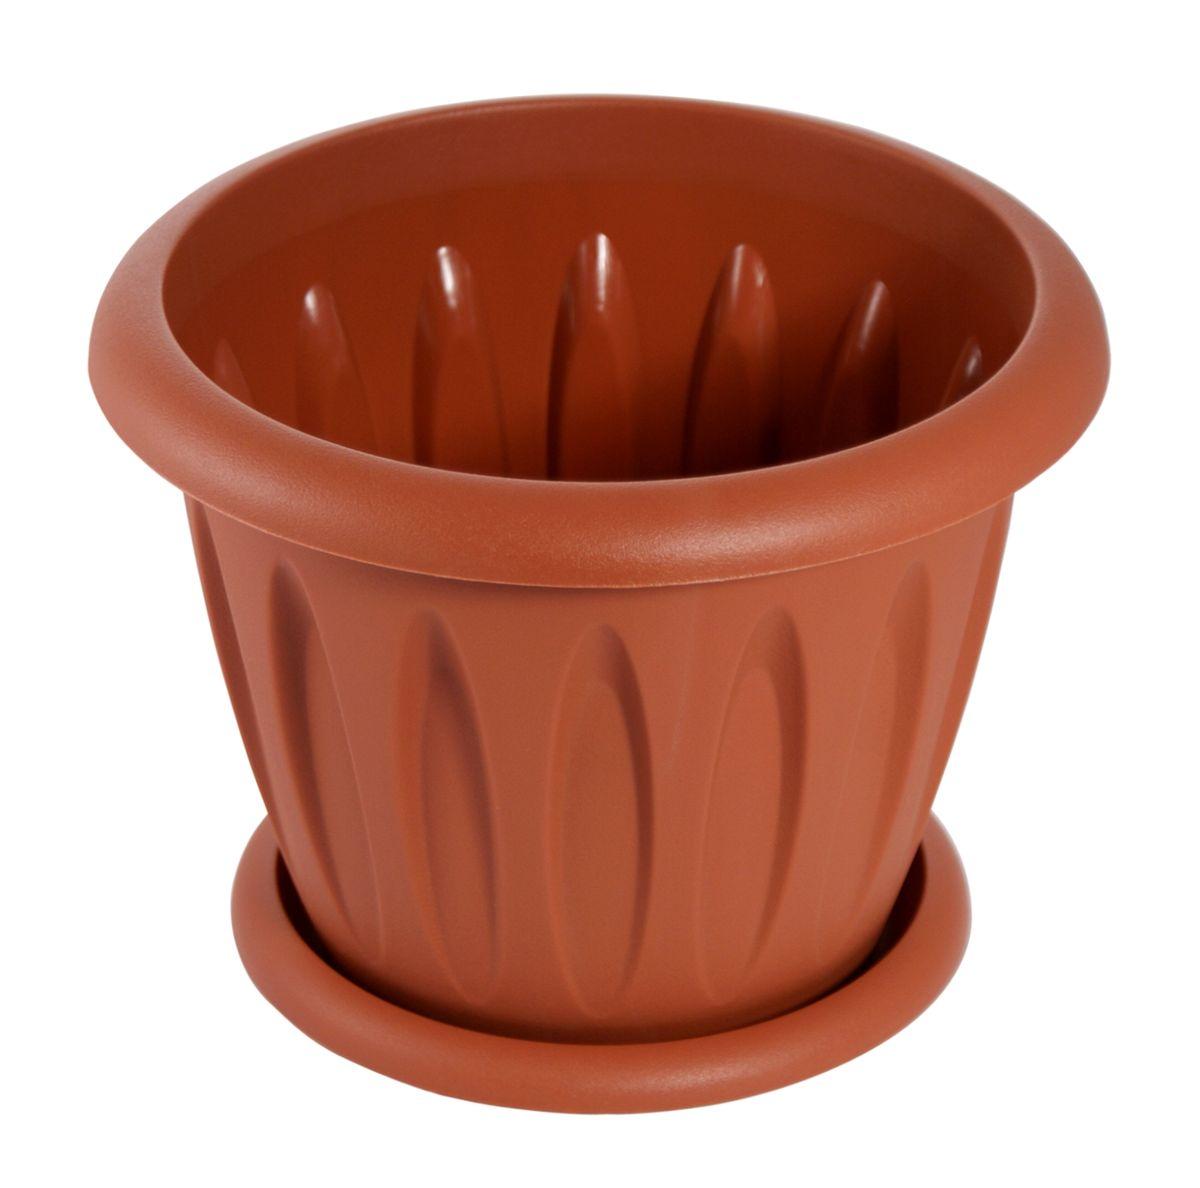 Горшок для цветов Martika Фелиция, с поддоном, цвет: терракотовый, 3,6 лMRC104TПластиковое изделие для дома, соответствующее всем необходимым санитарным нормам и стандартам качества. Изготовлено для цветоводства и растениеводства. Рекомендуется для выращивания растений дома и на приусадебных участках.